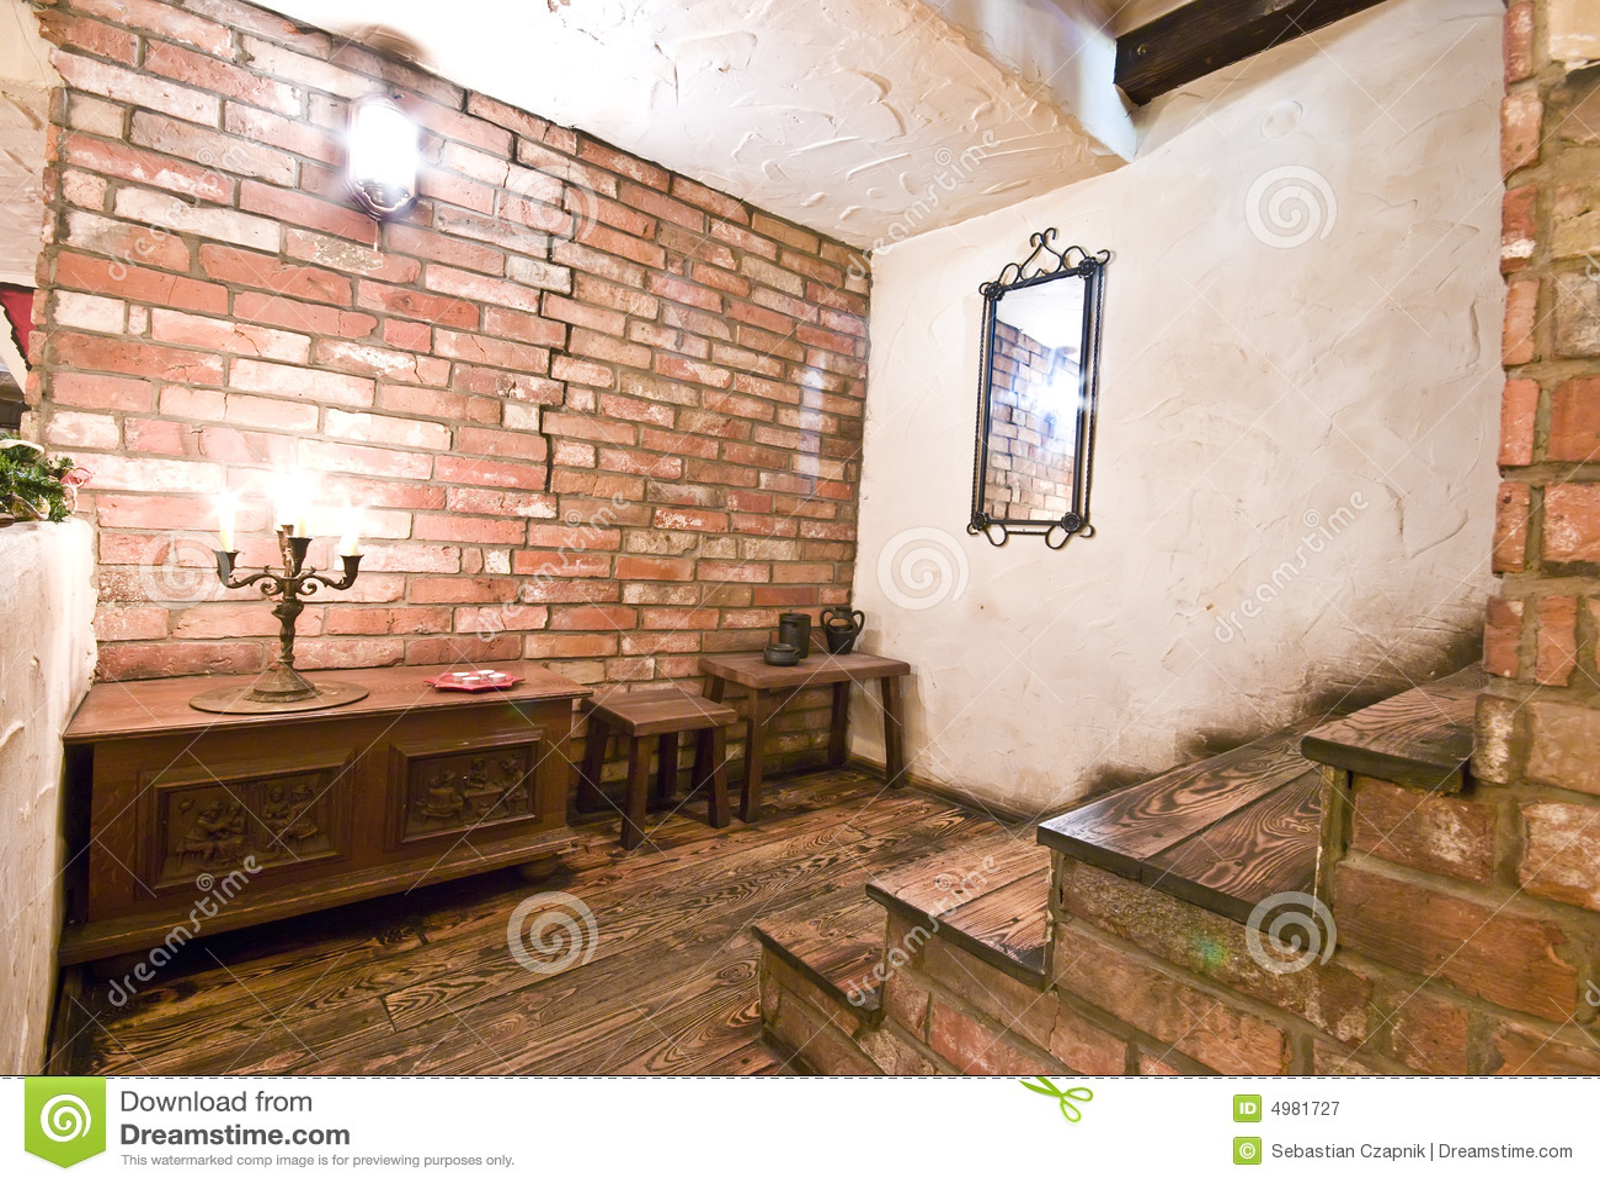 Escaleras interiores r sticas imagen de archivo imagen - Escaleras rusticas de interior ...